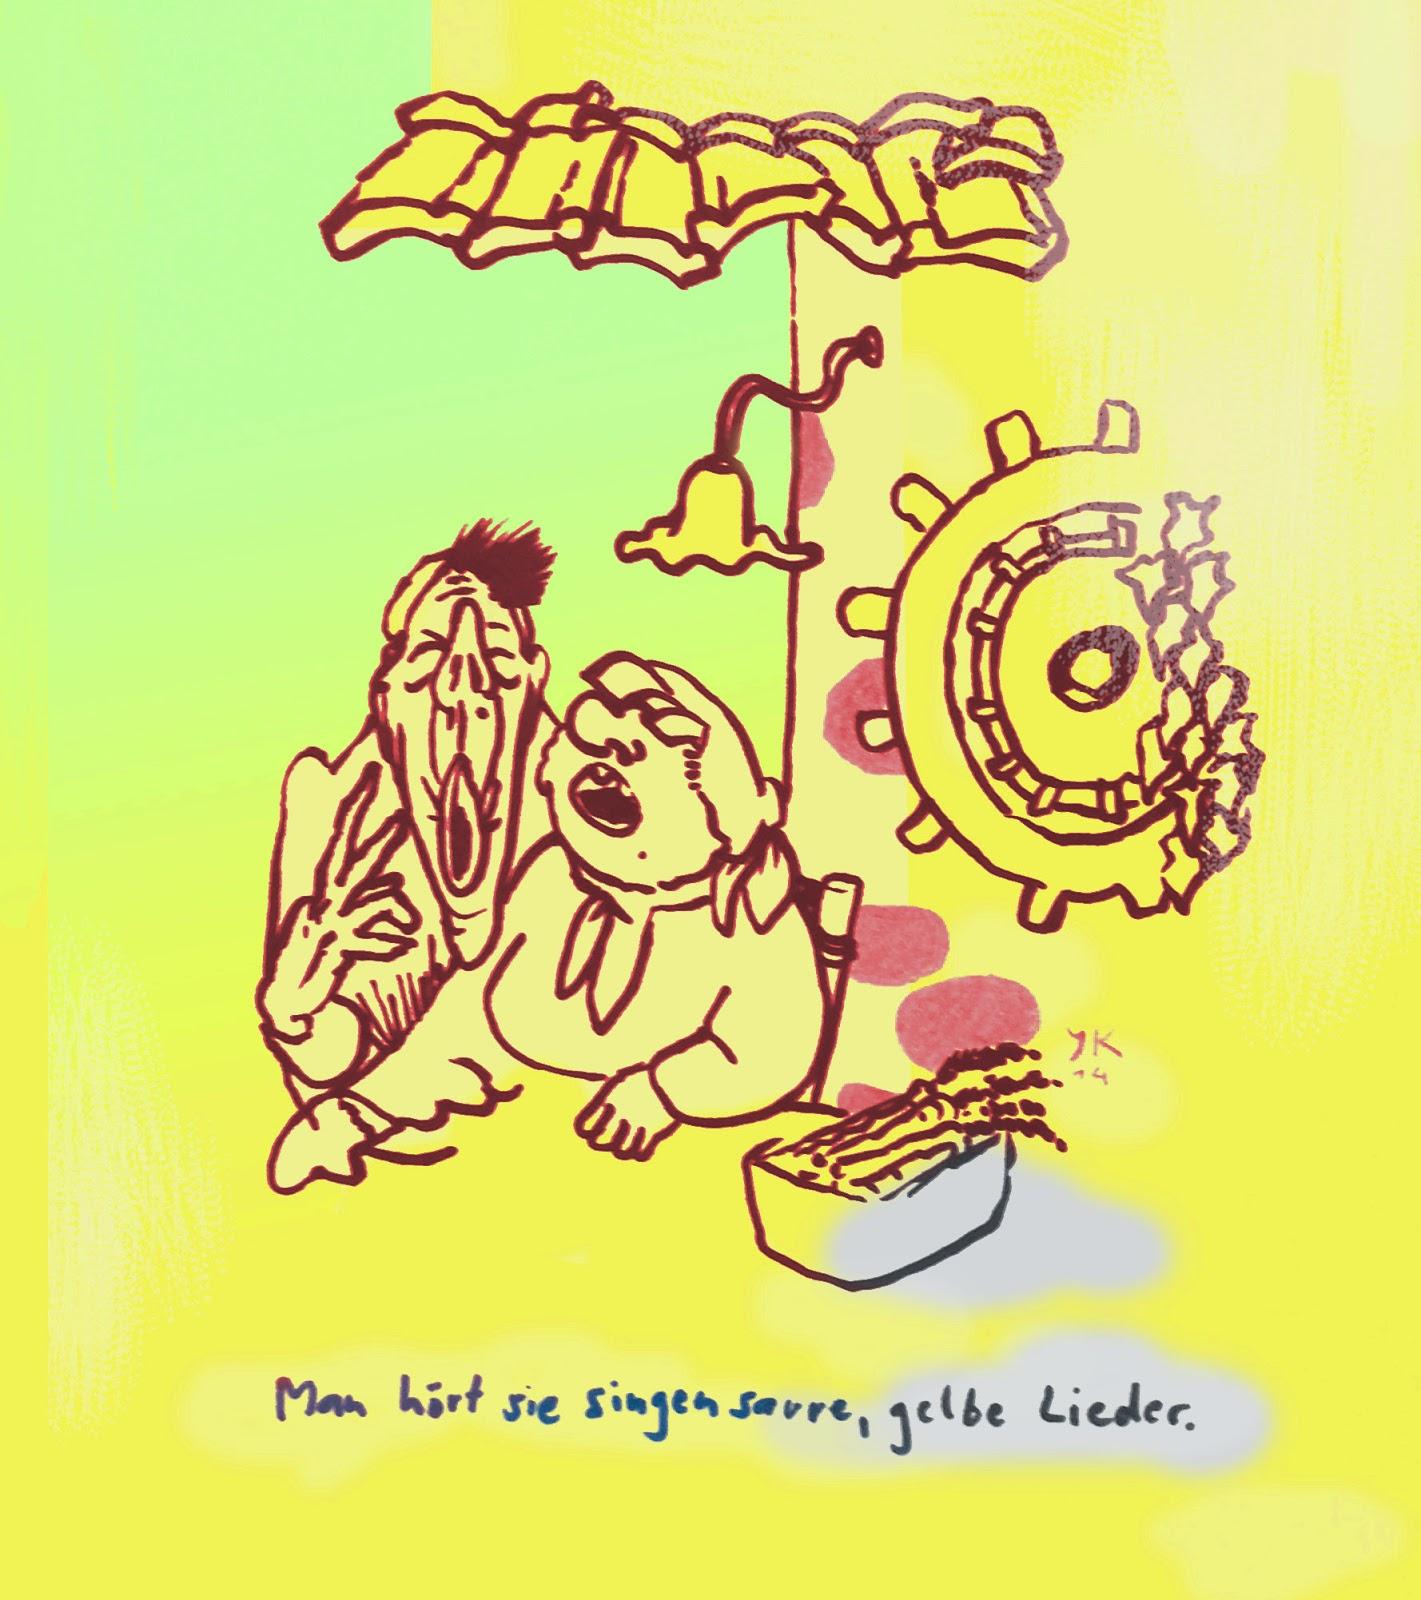 man hört sie singen saure gelbe lieder